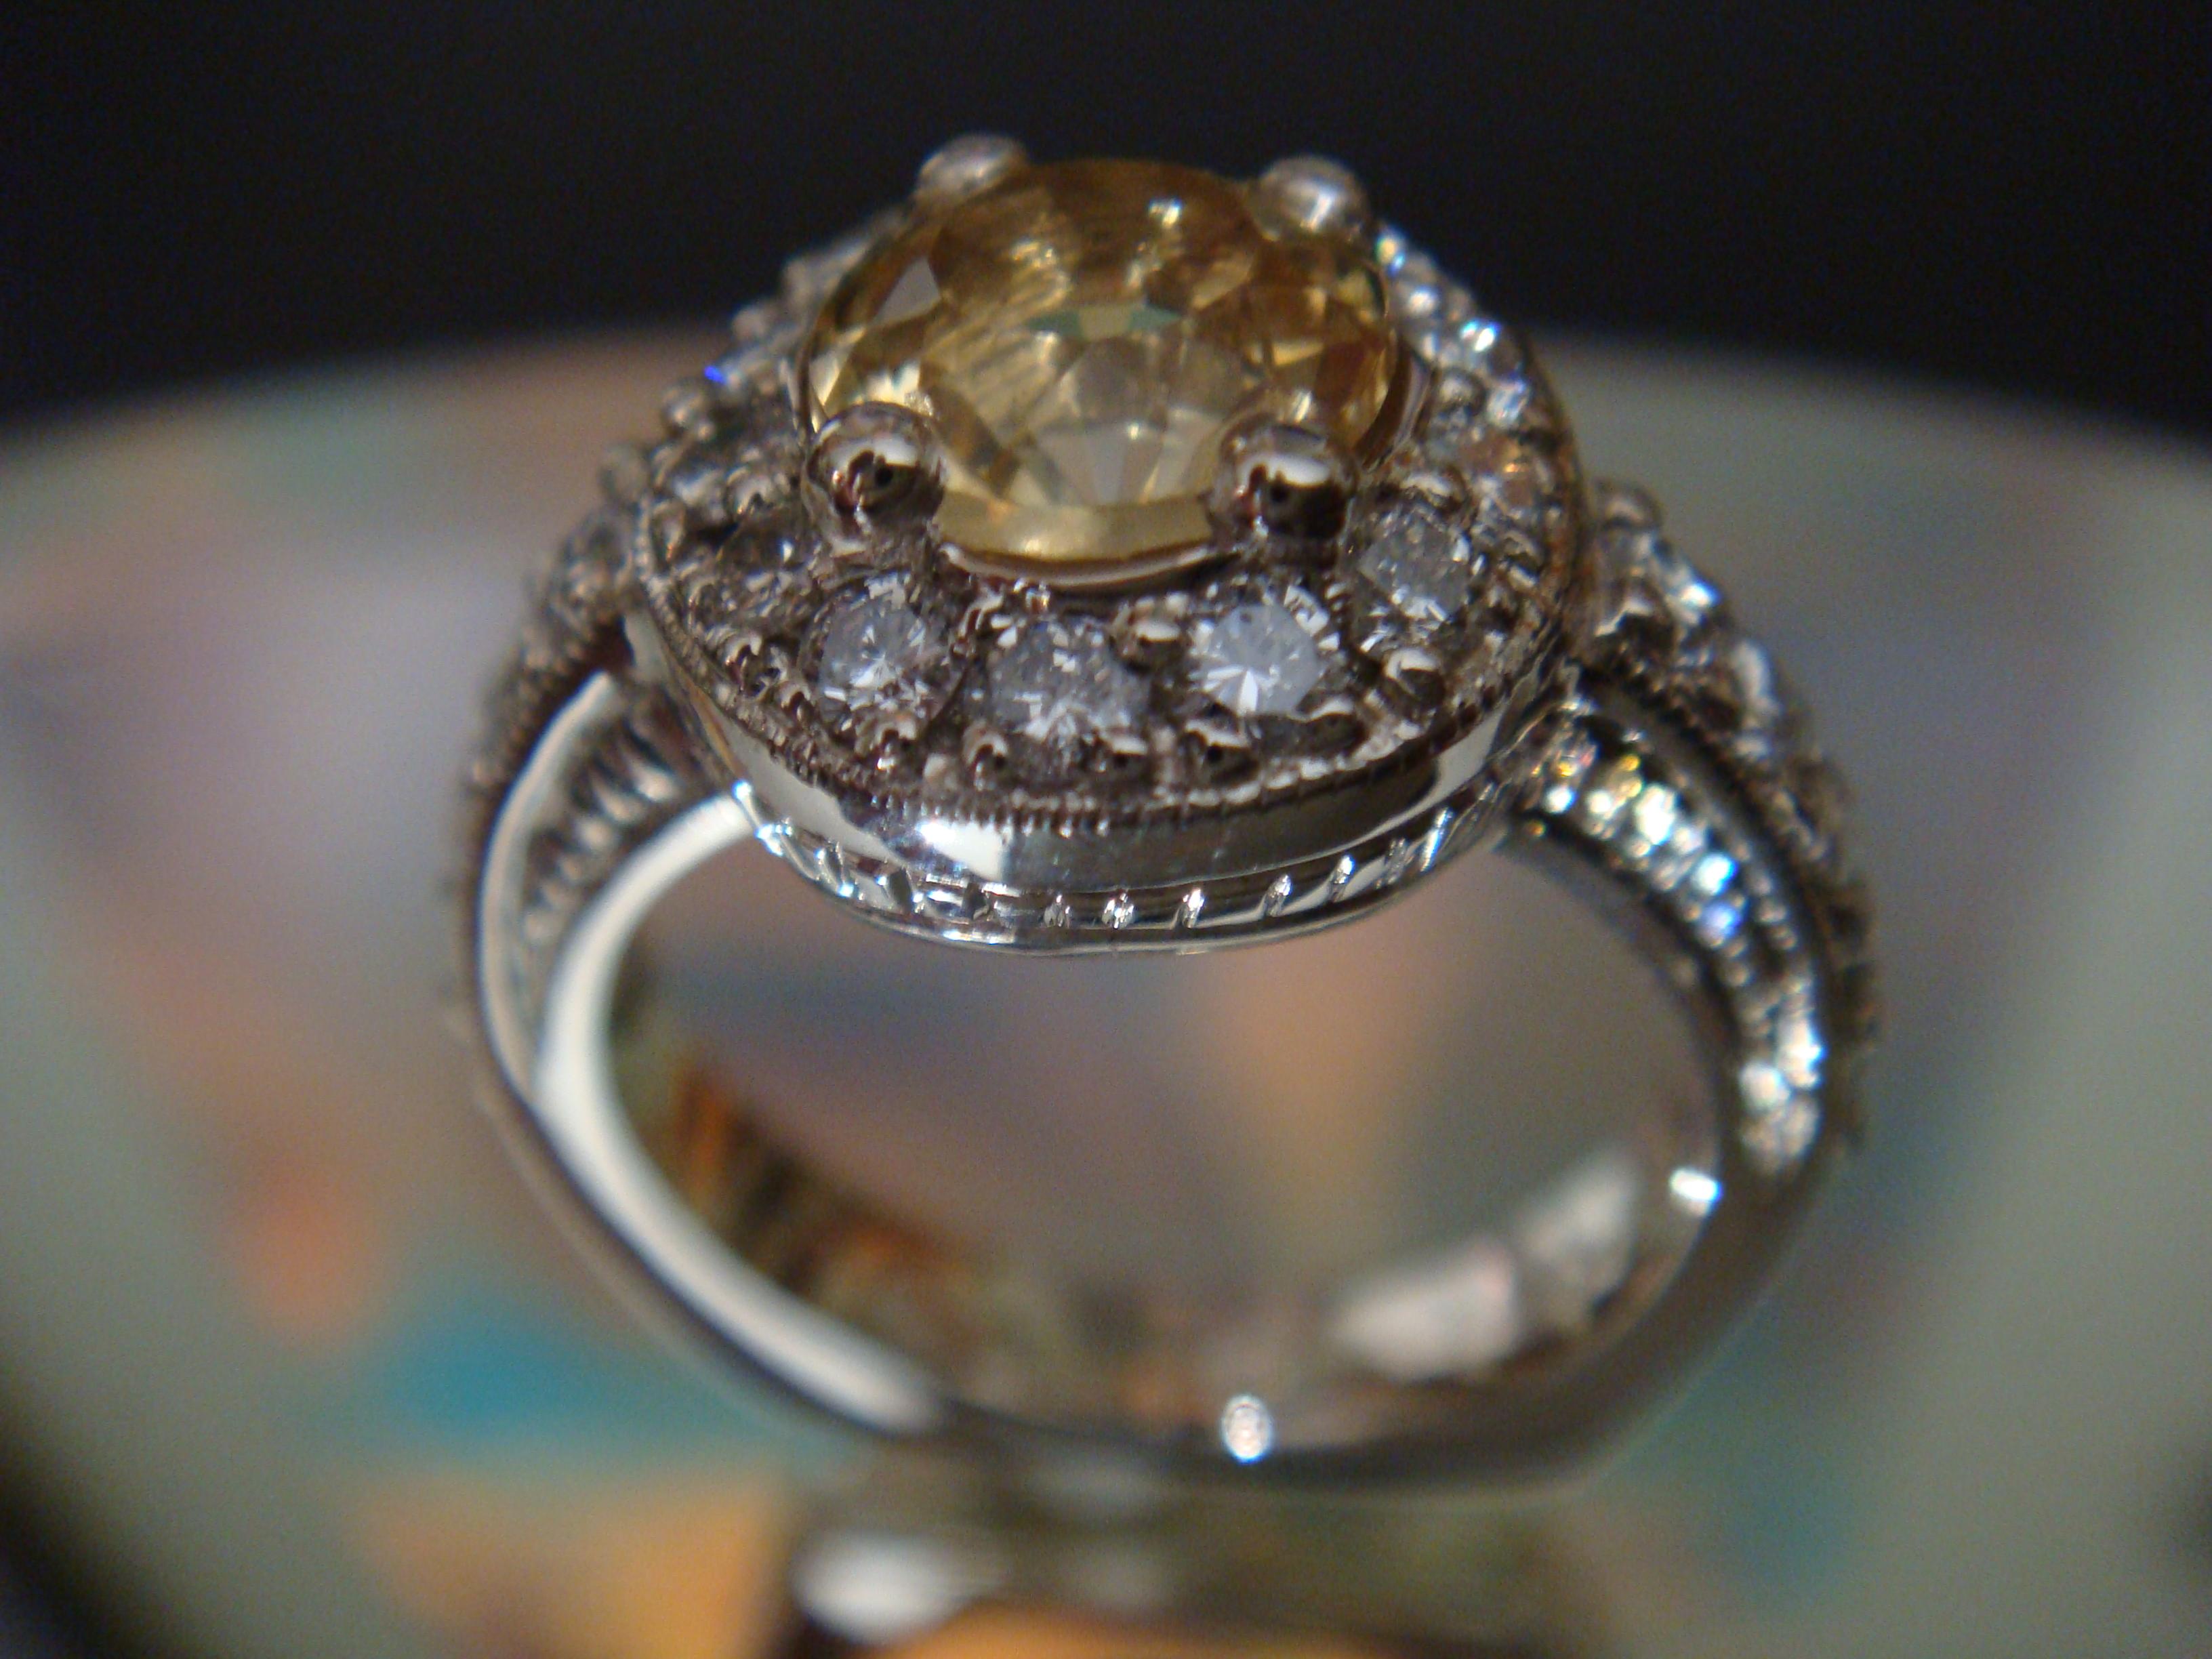 Yellow sapphire and diamonds